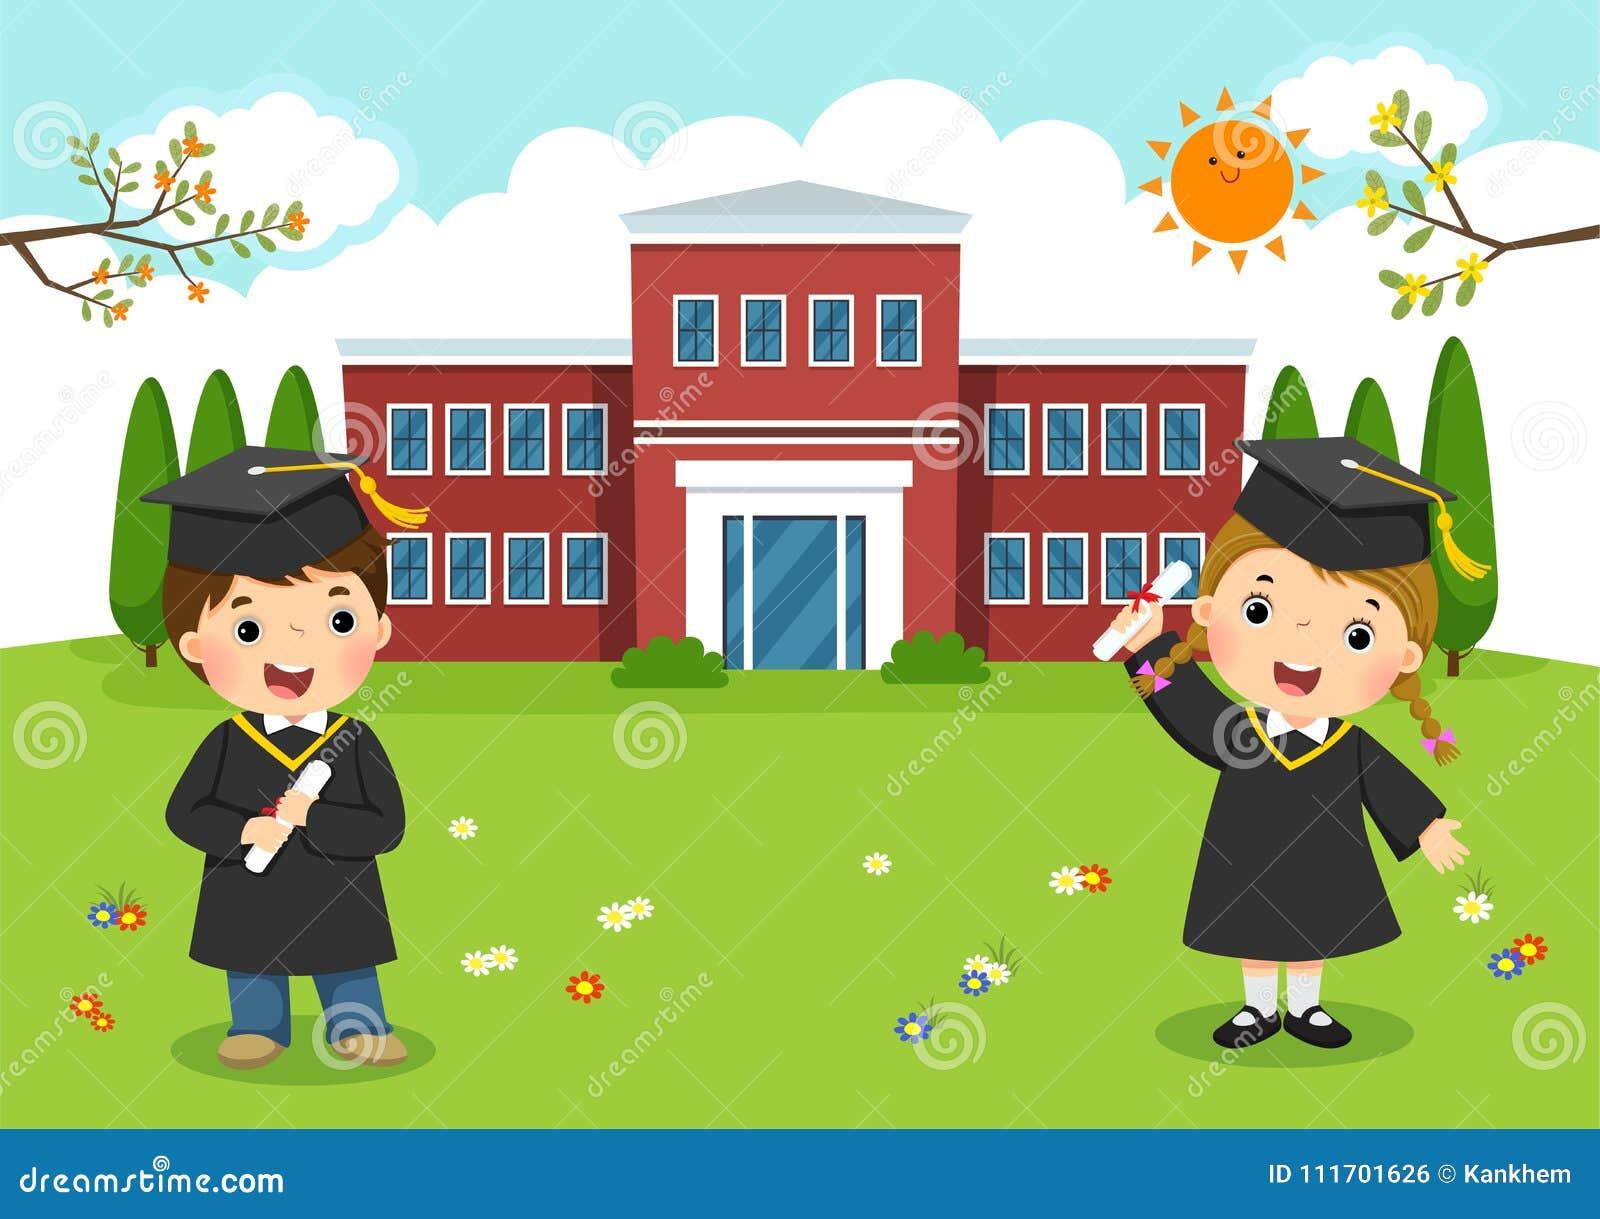 Happy graduation day. School kids graduation in front of school